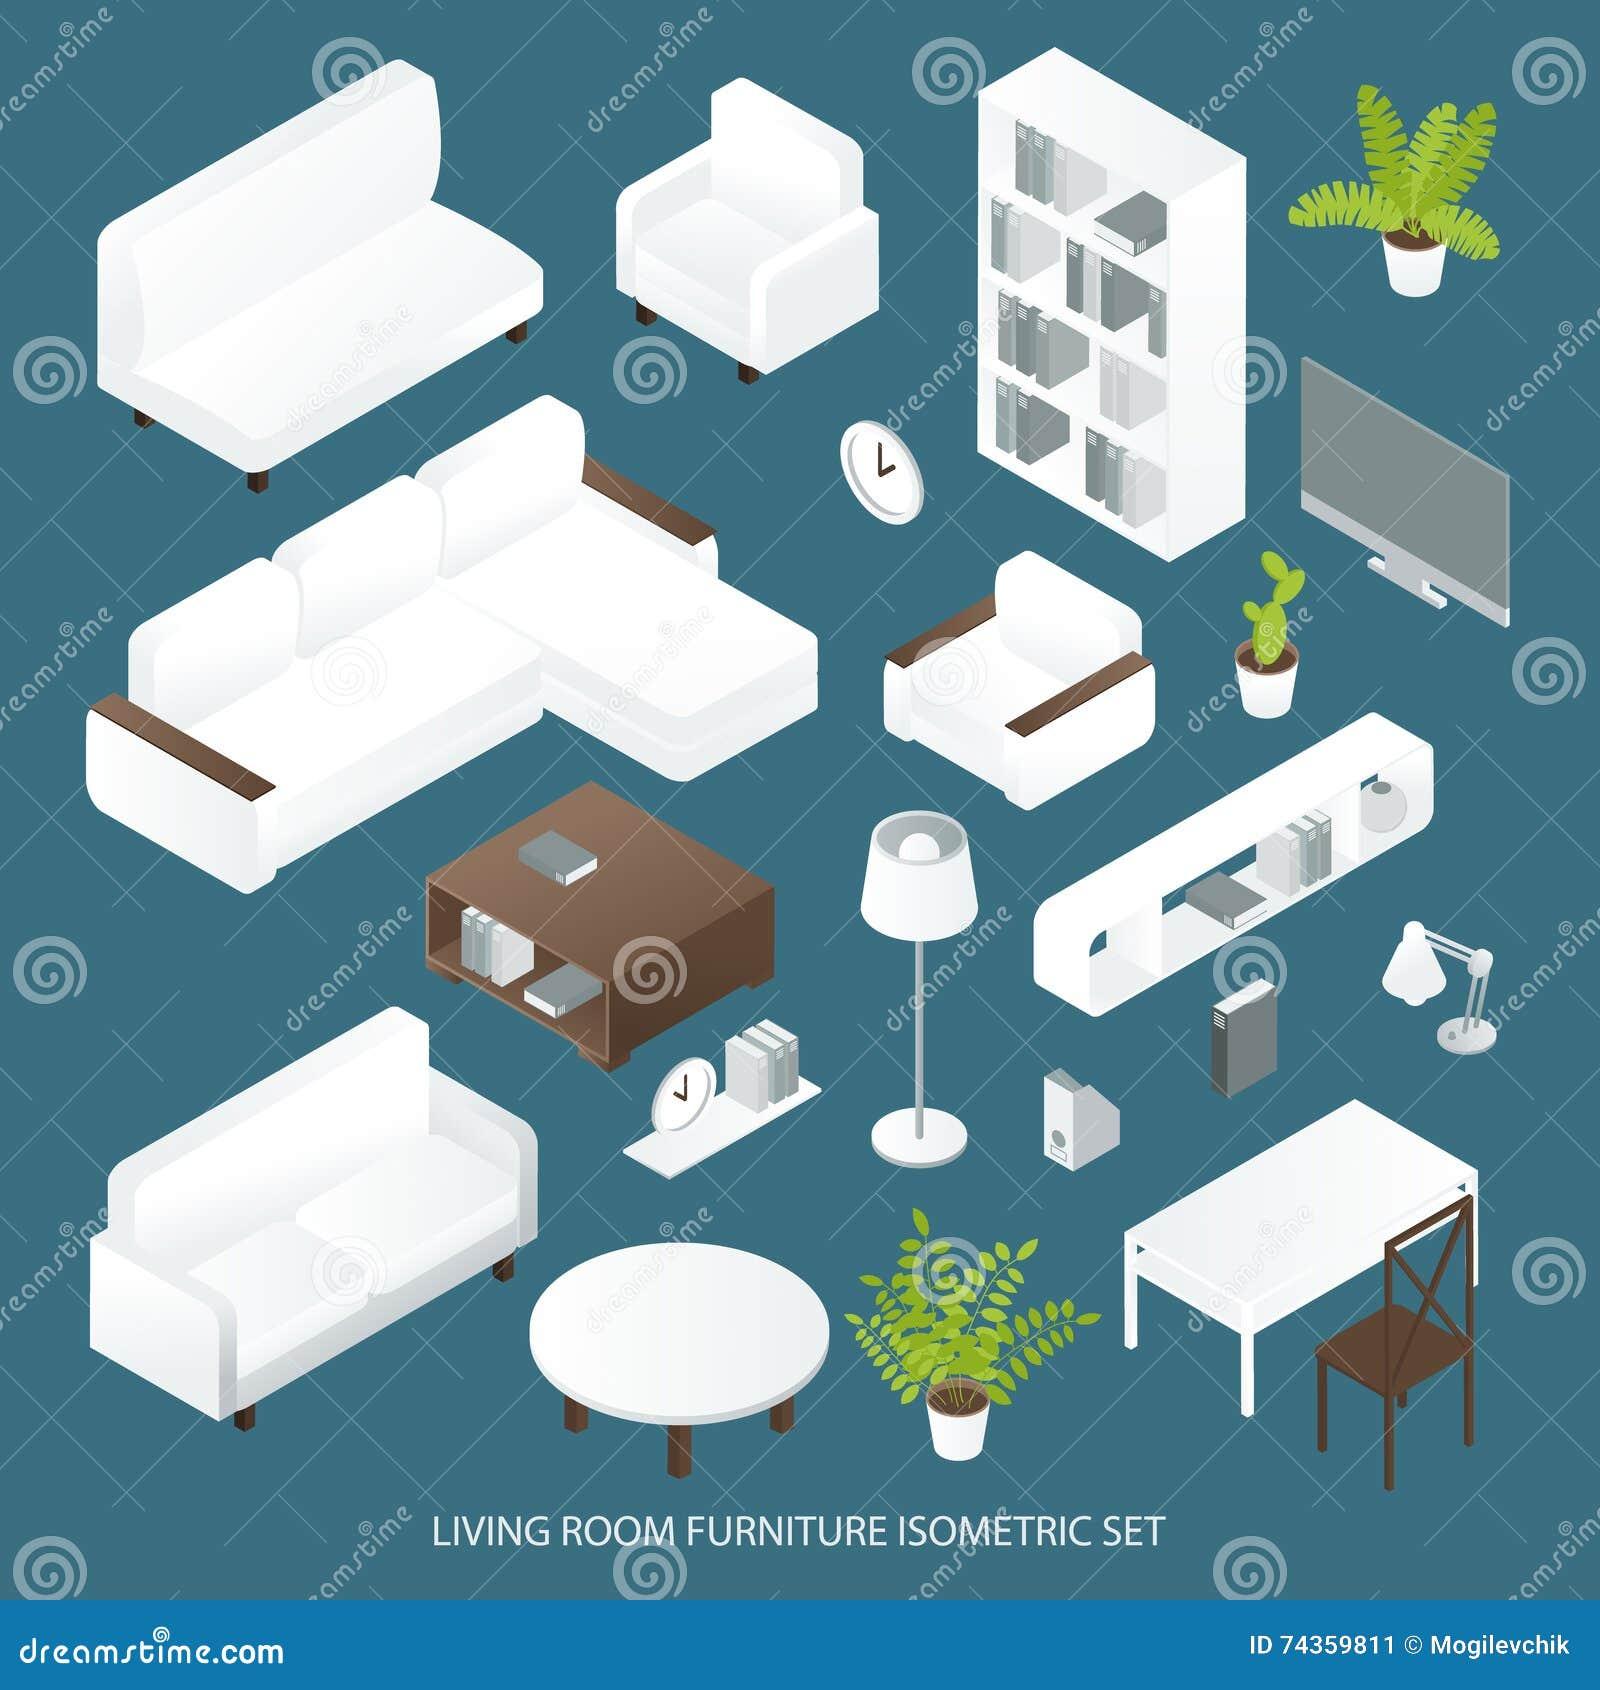 Rc Furniture Interior Design Stock Dealer ~ Isometric furniture collection interior design concept